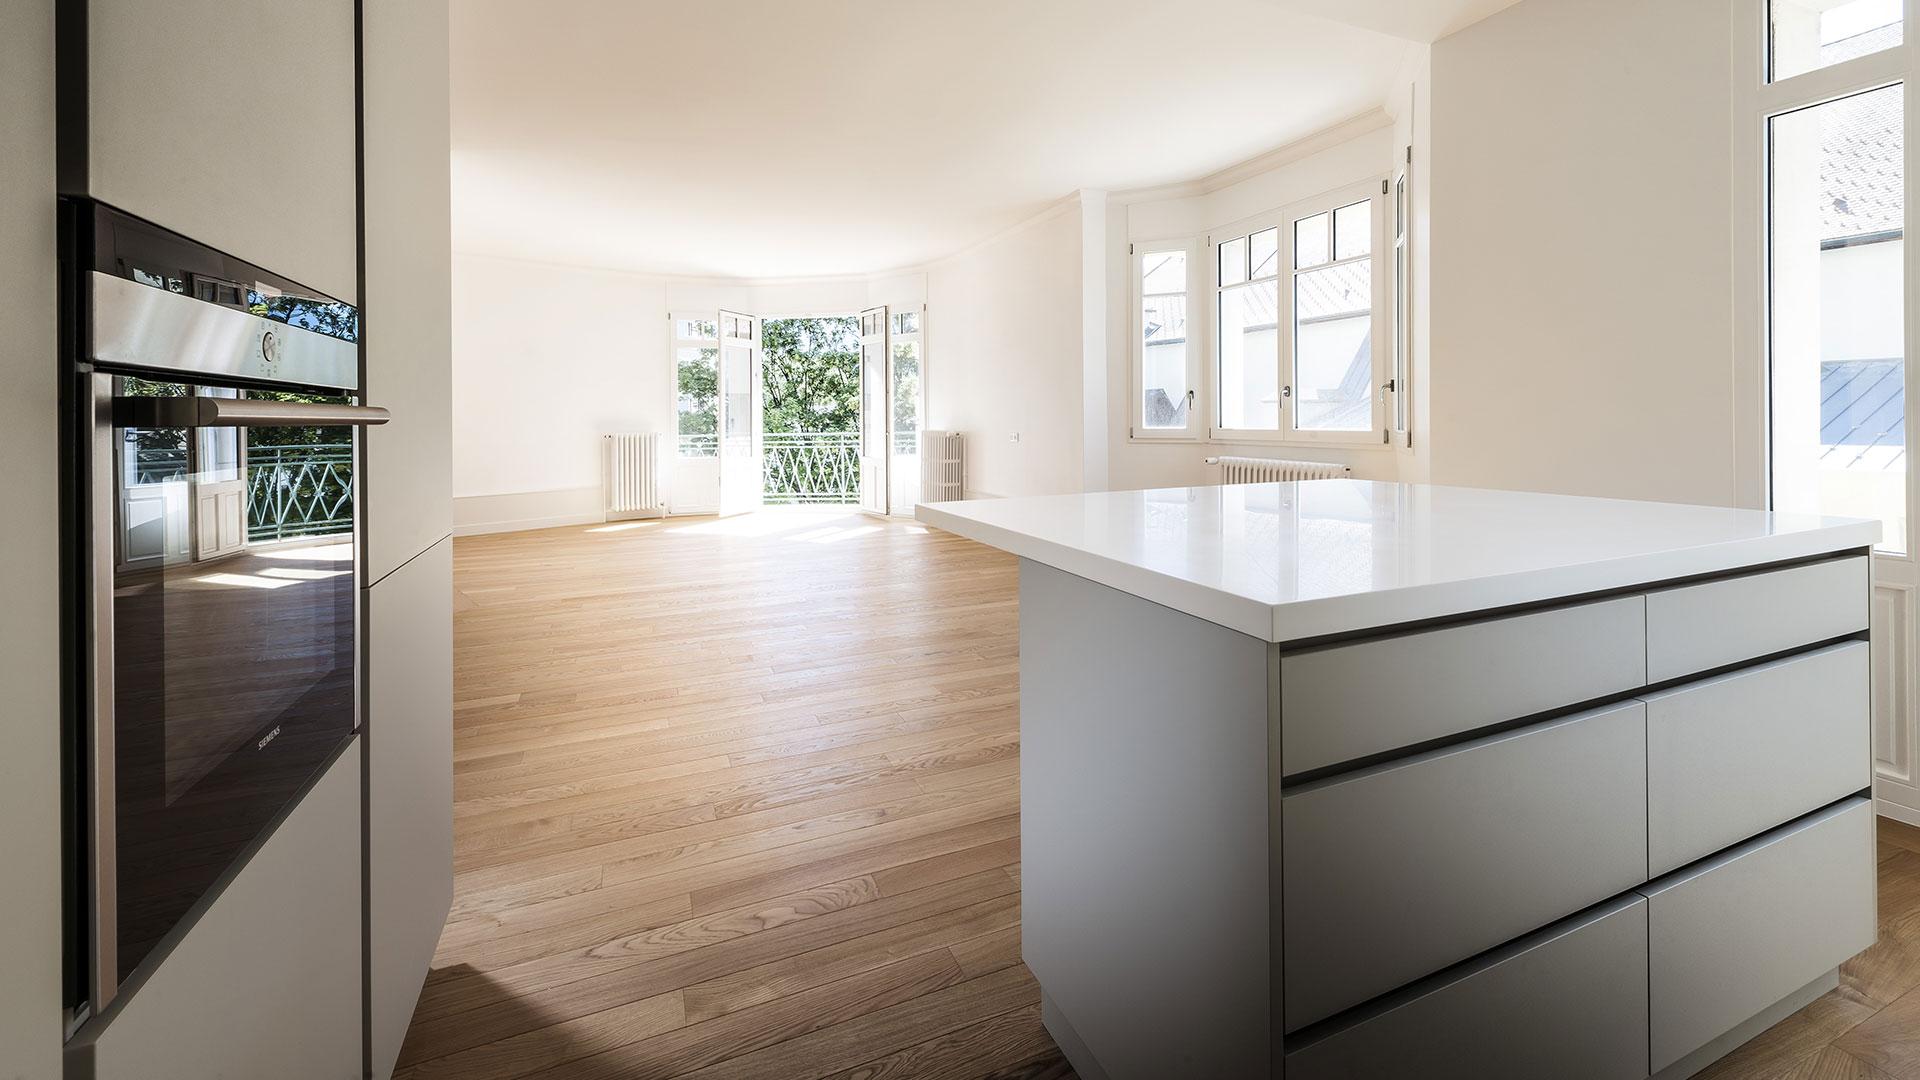 vente d'un appartement T4 haut de gamme hyper centre ville d'Annecy grande surface